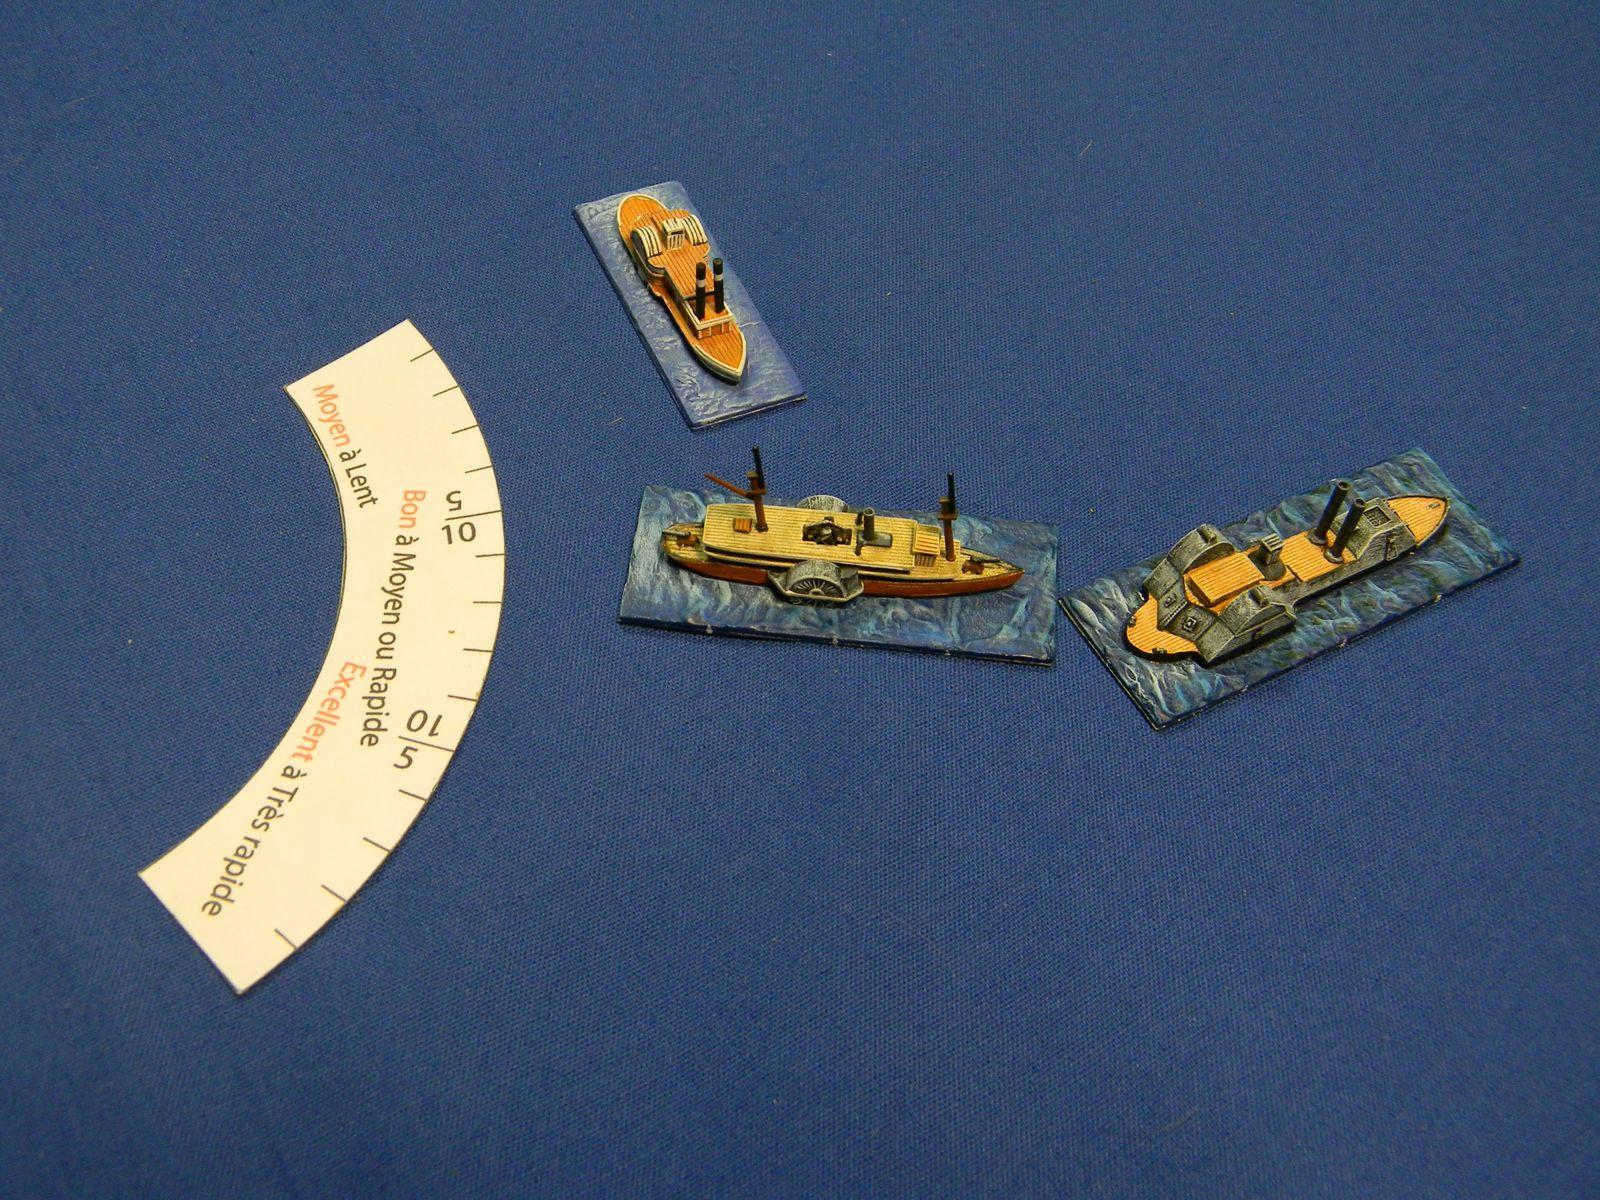 les girations sont gérées simplement par un jeu d'abaques adaptées à la manœuvrabilité et la vitesse de chaque navire.